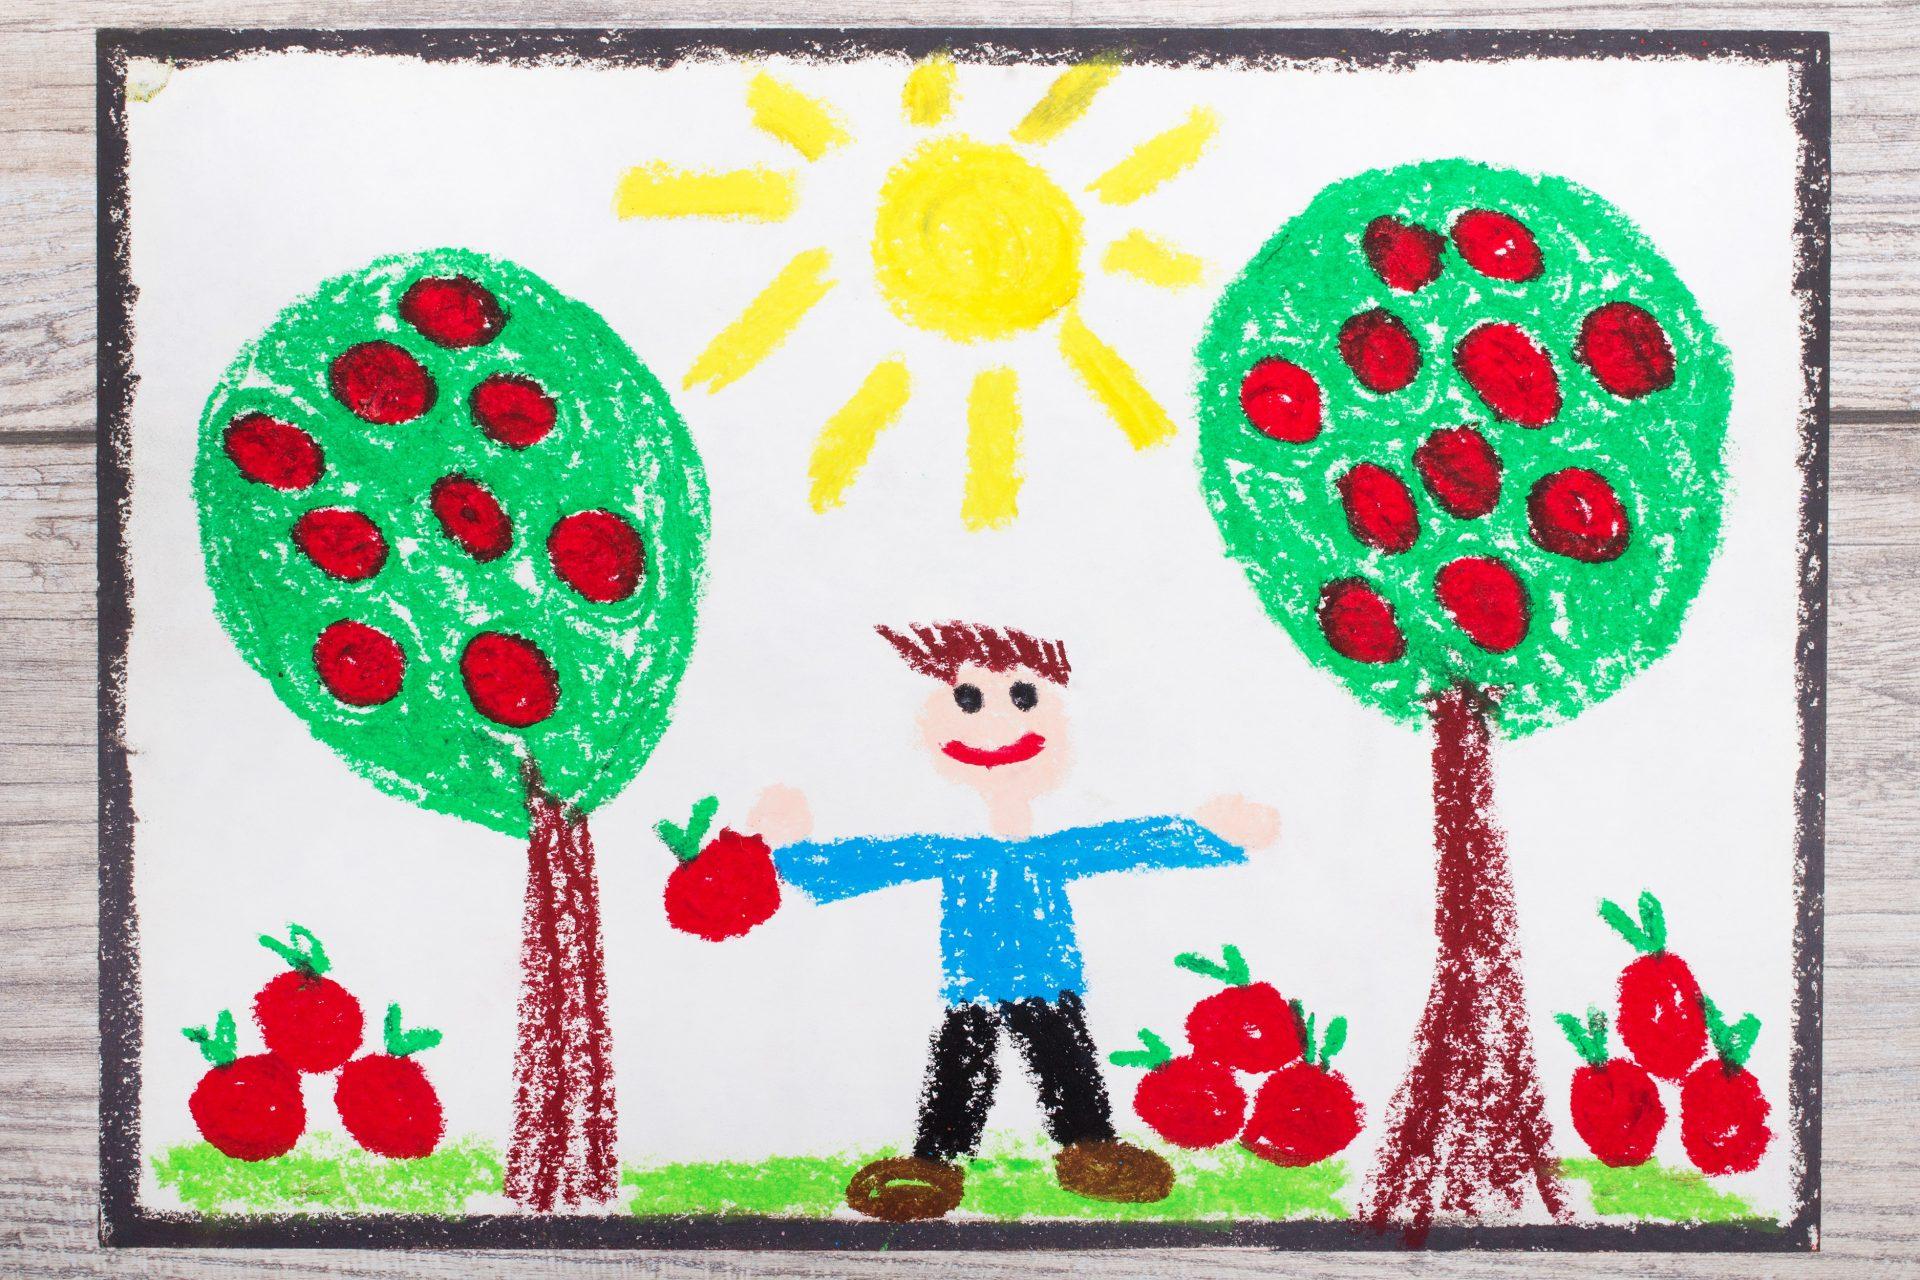 1. Europaweiter Tag der Streuobstwiesen am 30. April 2021 – Malwettbewerb für Kinder!